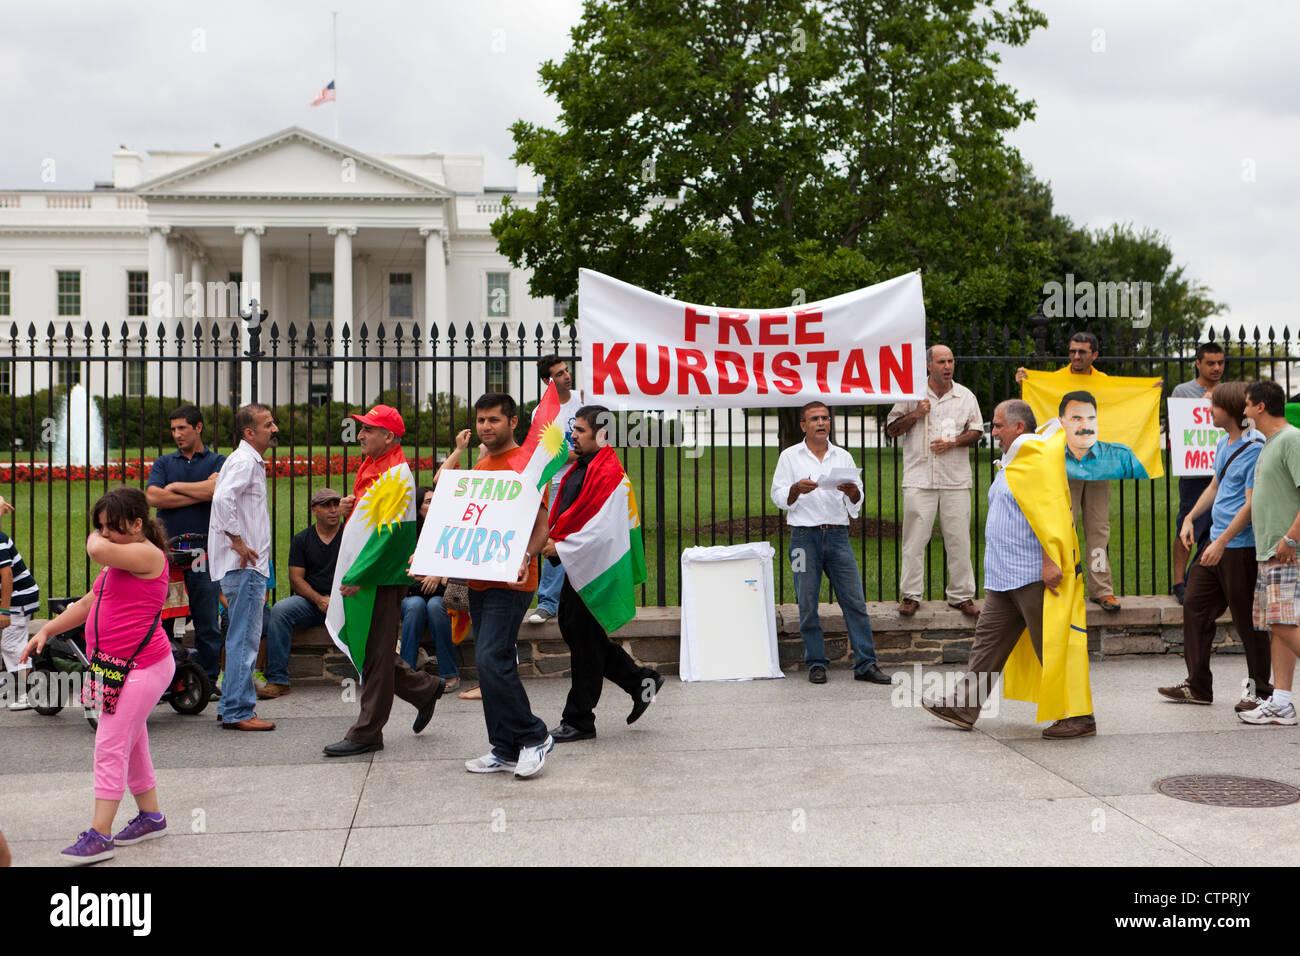 Amerikanische Kurden Protest vor dem weißen Haus Stockbild